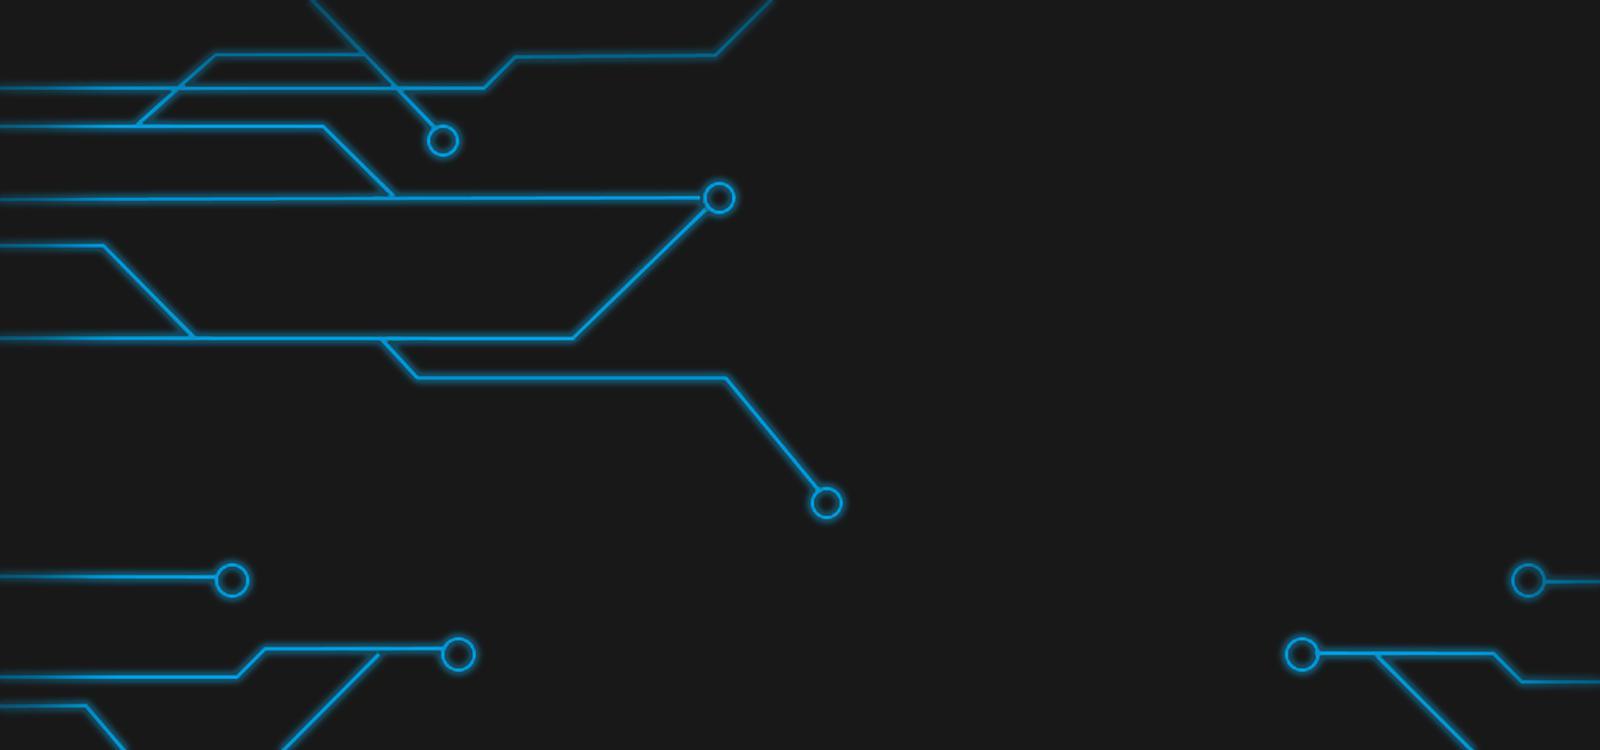 数字化业务——品牌安全